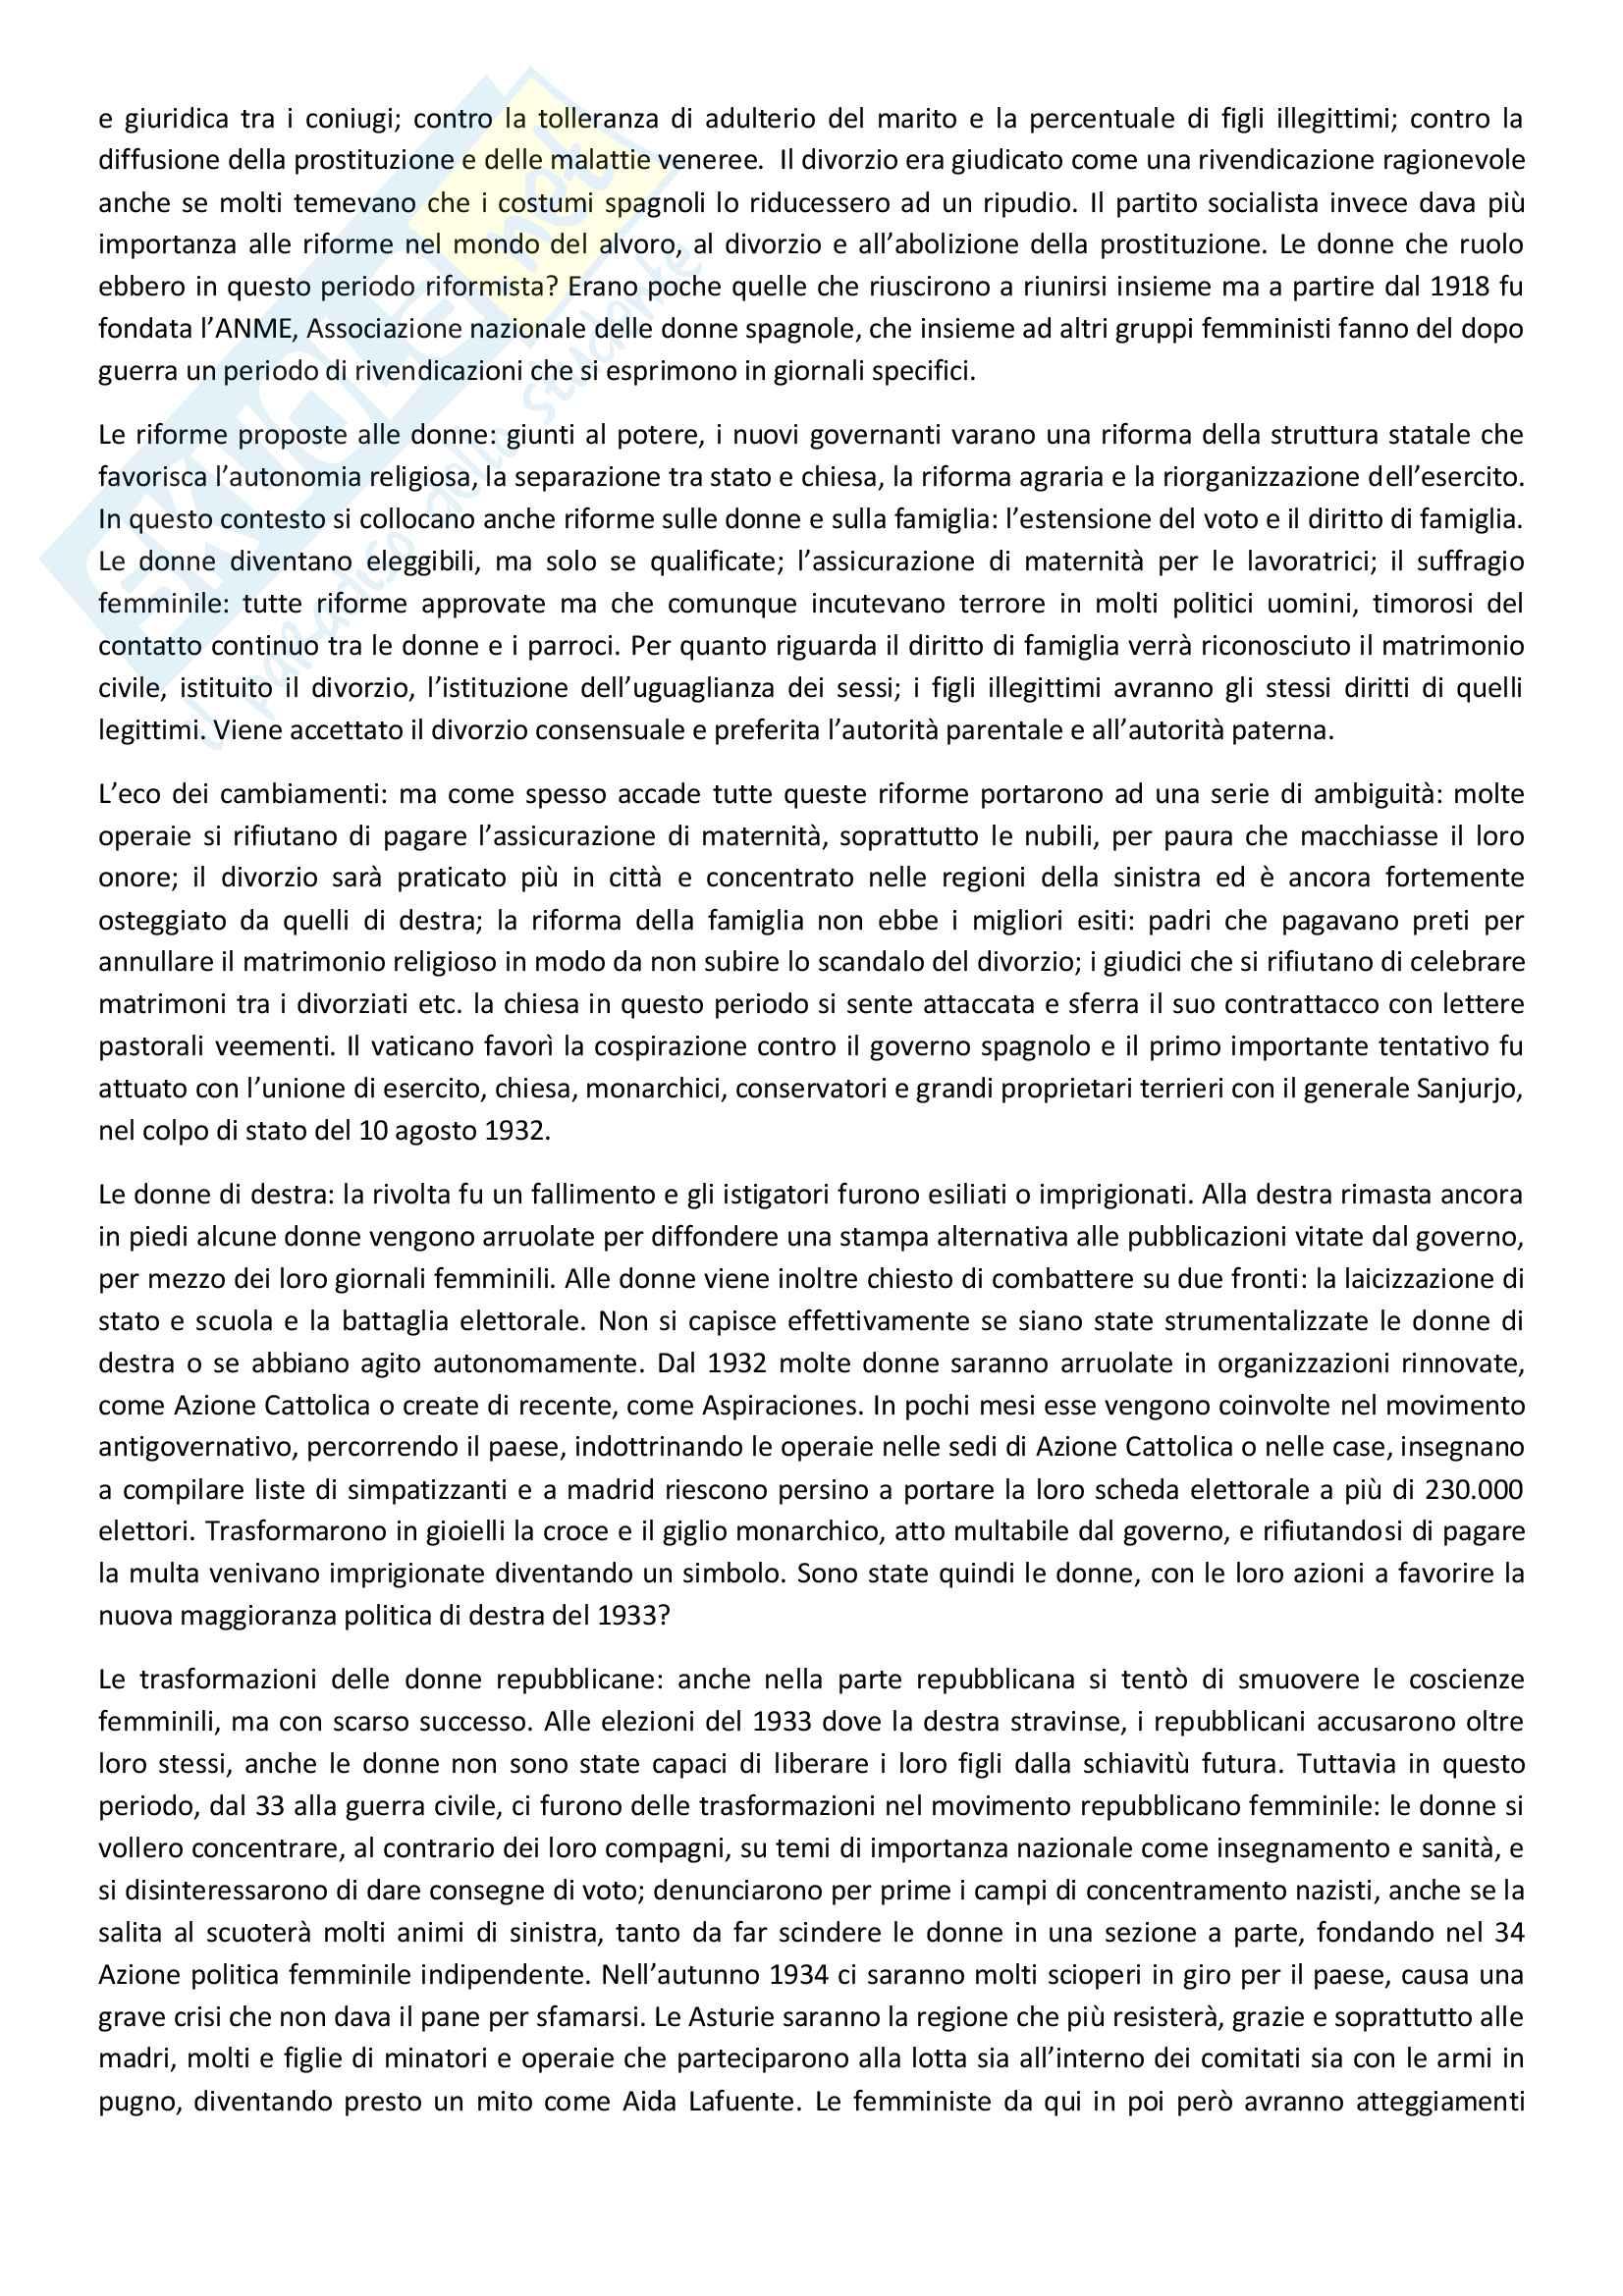 Sunto di storia contemporanea, docente Adorni, libro consigliato Storia delle donne in Occidente - Il Novecento, Autore Duby, Perrot Pag. 21